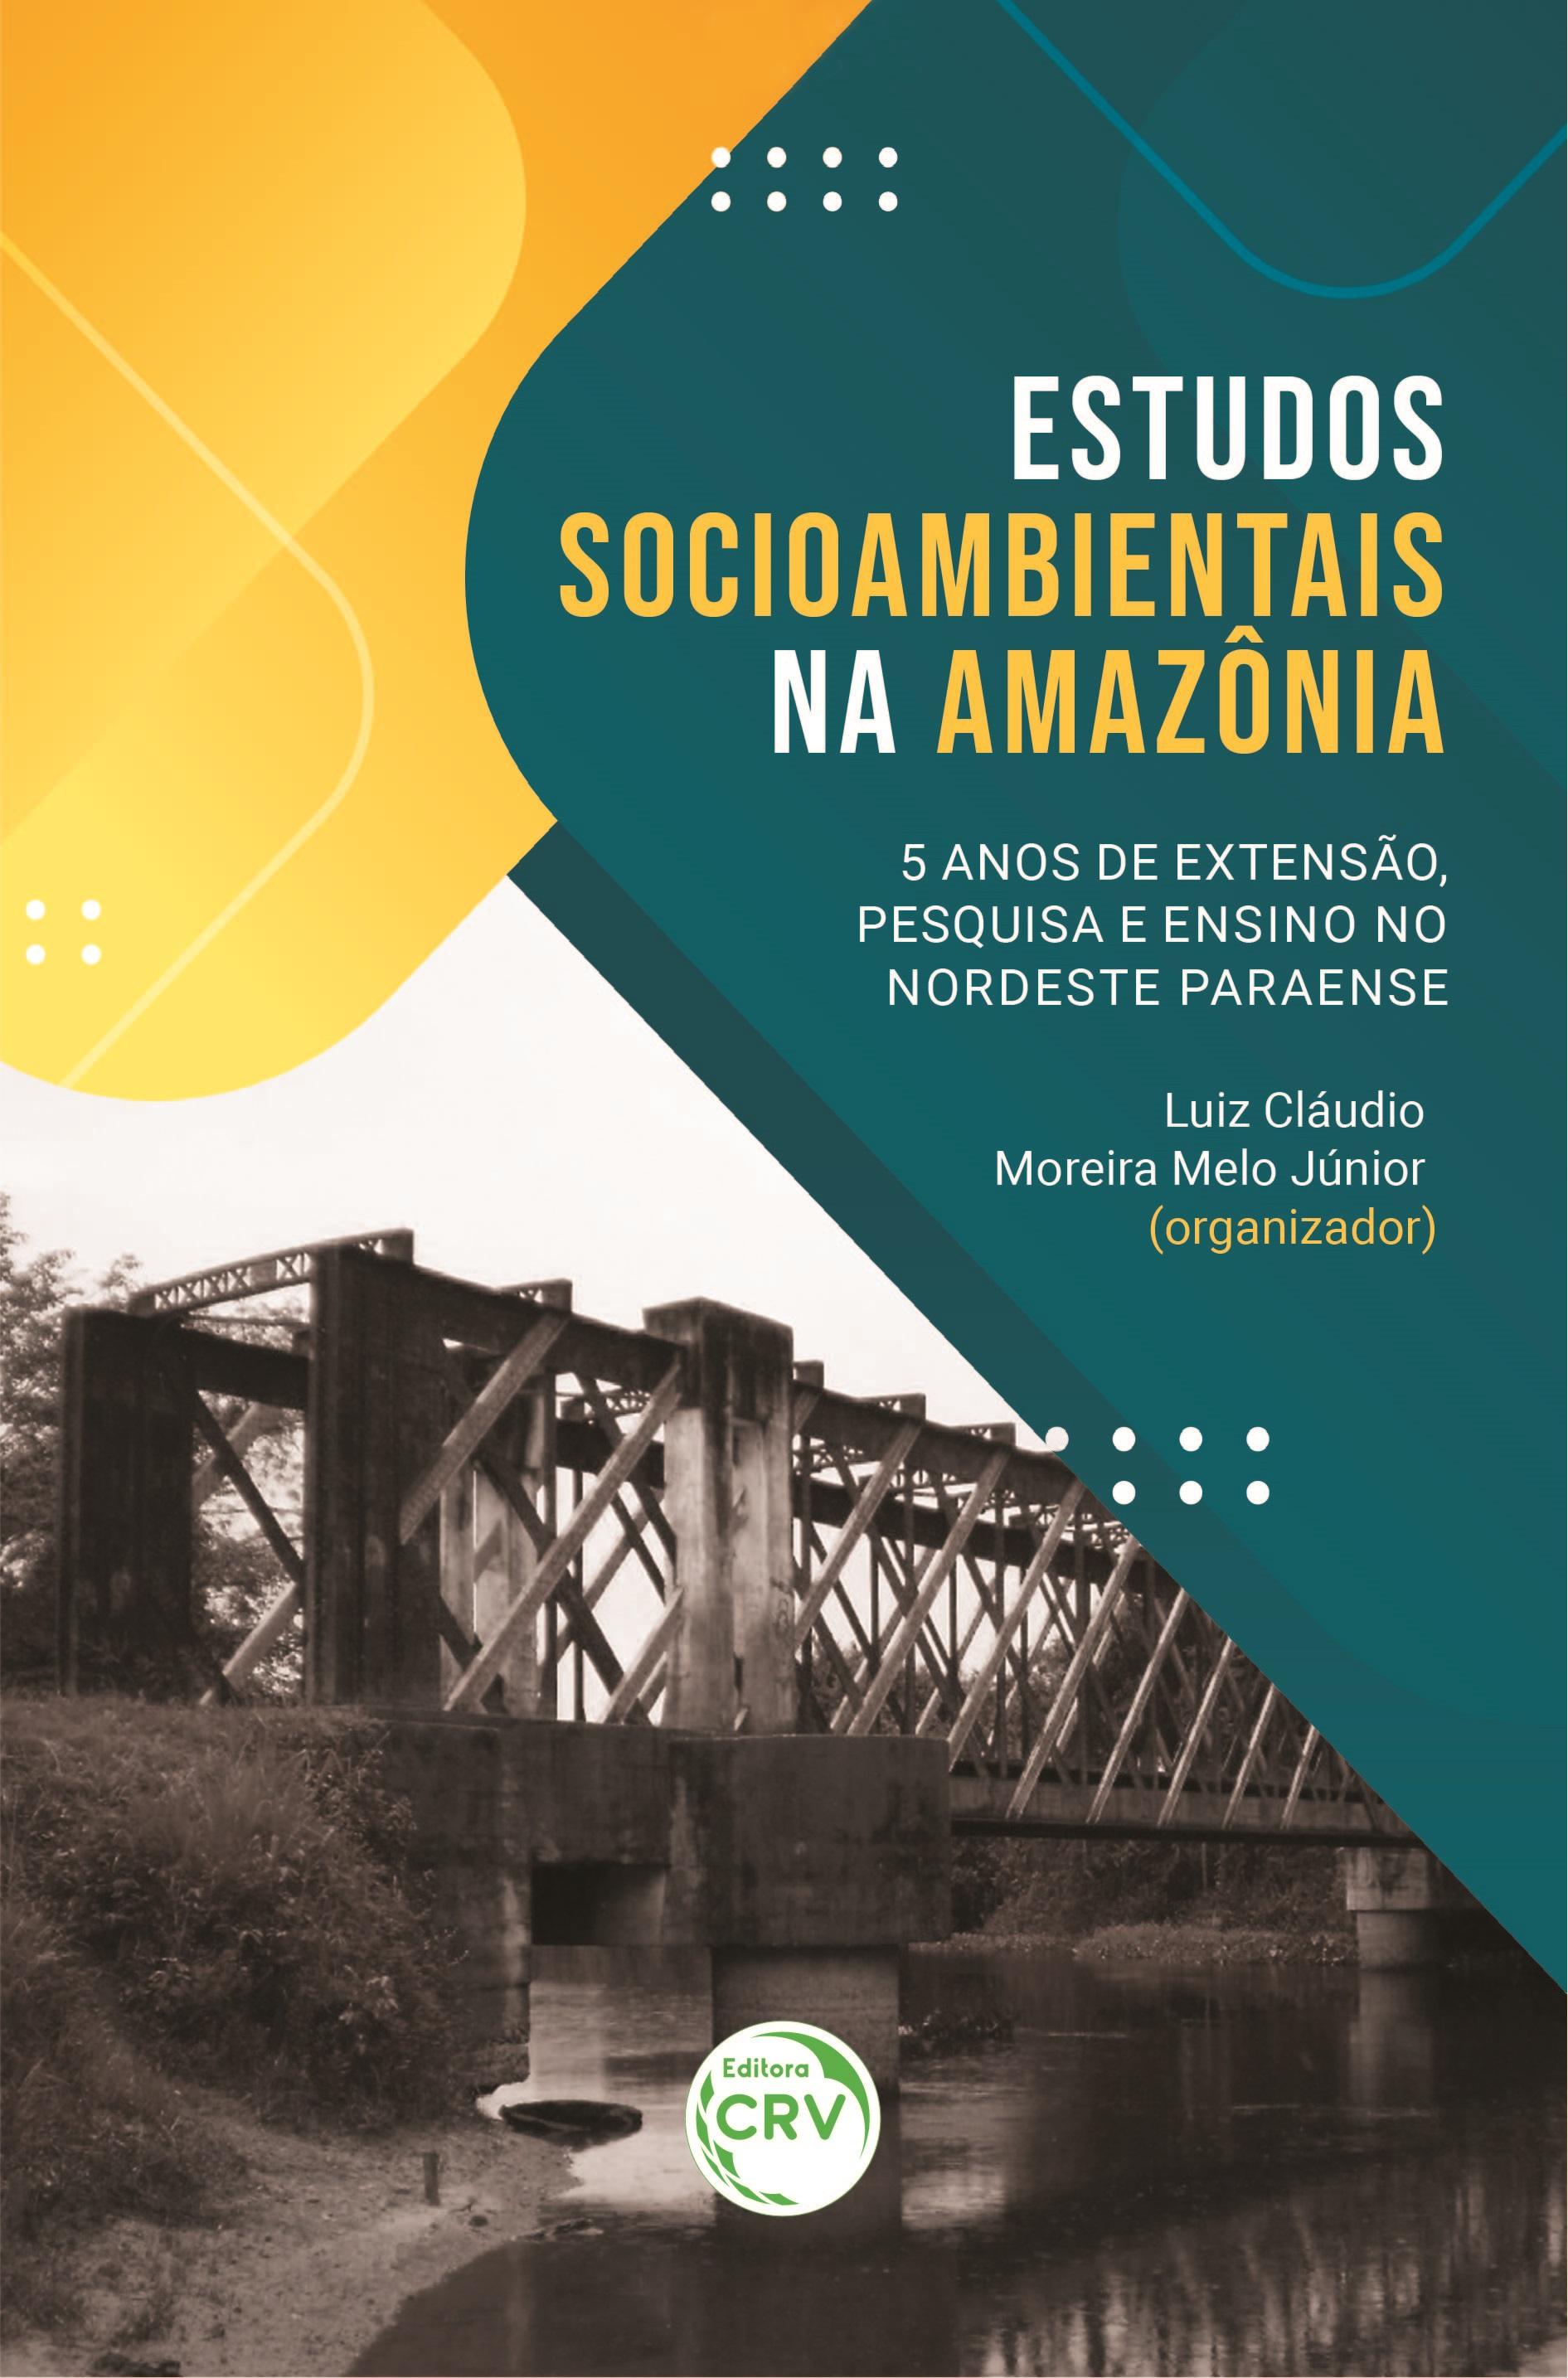 Capa do livro: ESTUDOS SOCIOAMBIENTAIS NA AMAZÔNIA: <br>5 anos de extensão, pesquisa e ensino no nordeste paraense